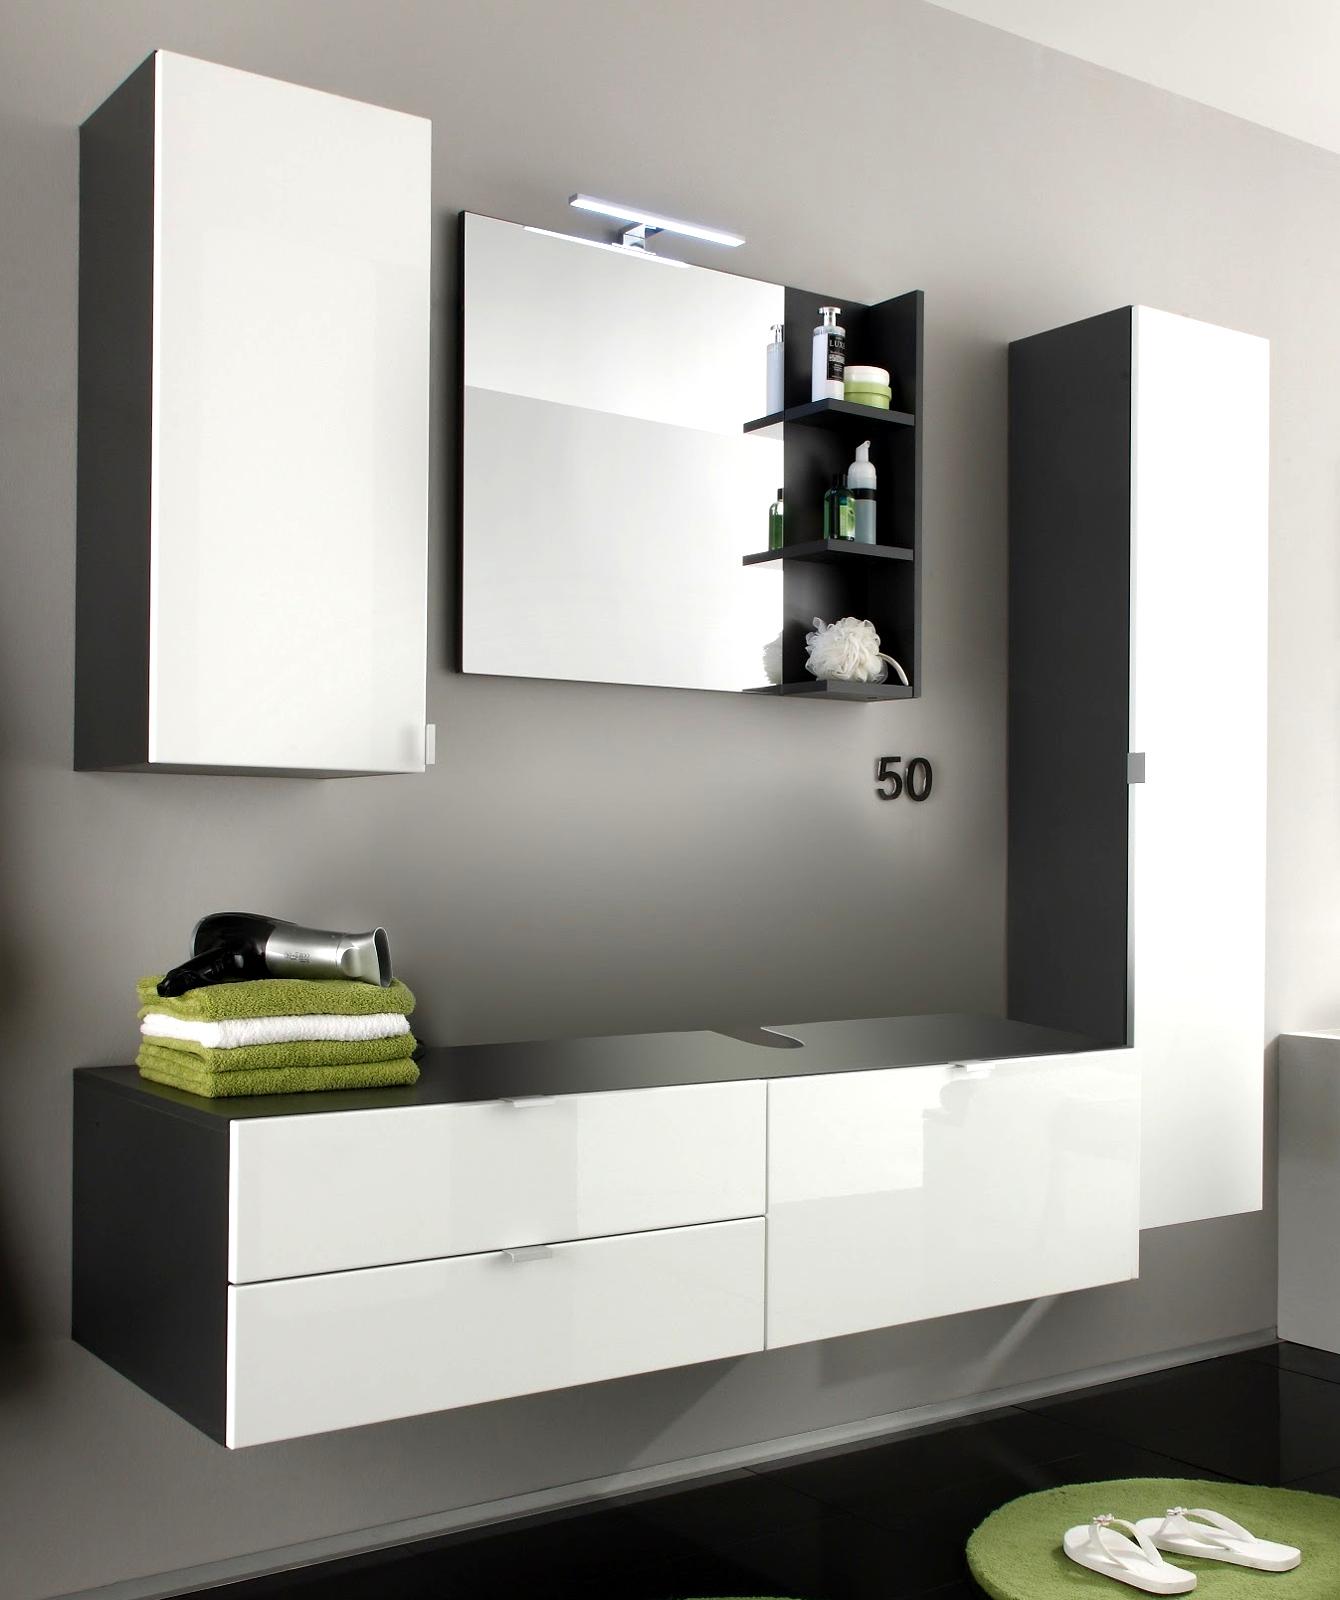 Bad Möbel Badezimmer Set weiß Hochglanz und grau Waschplatz ...